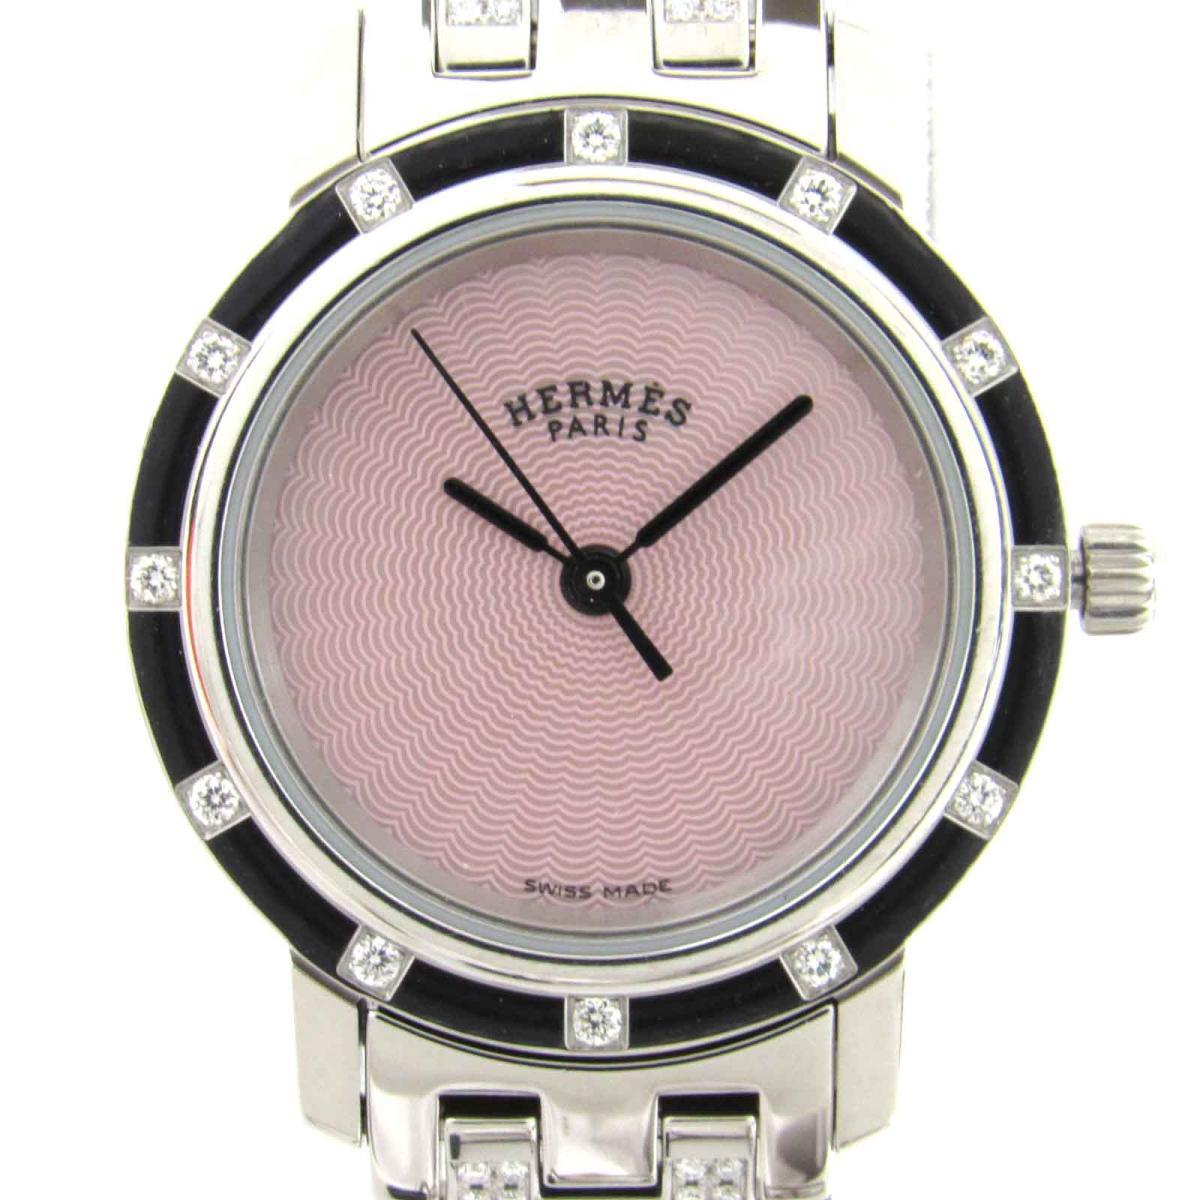 【中古】 エルメス クリッパーナクレ ダイヤモンド ウォッチ 腕時計 レディース ステンレススチール (SS) x ダイヤモンド | HERMES クリッパーナクレ 12Pダイヤ 美品 ブランドオフ